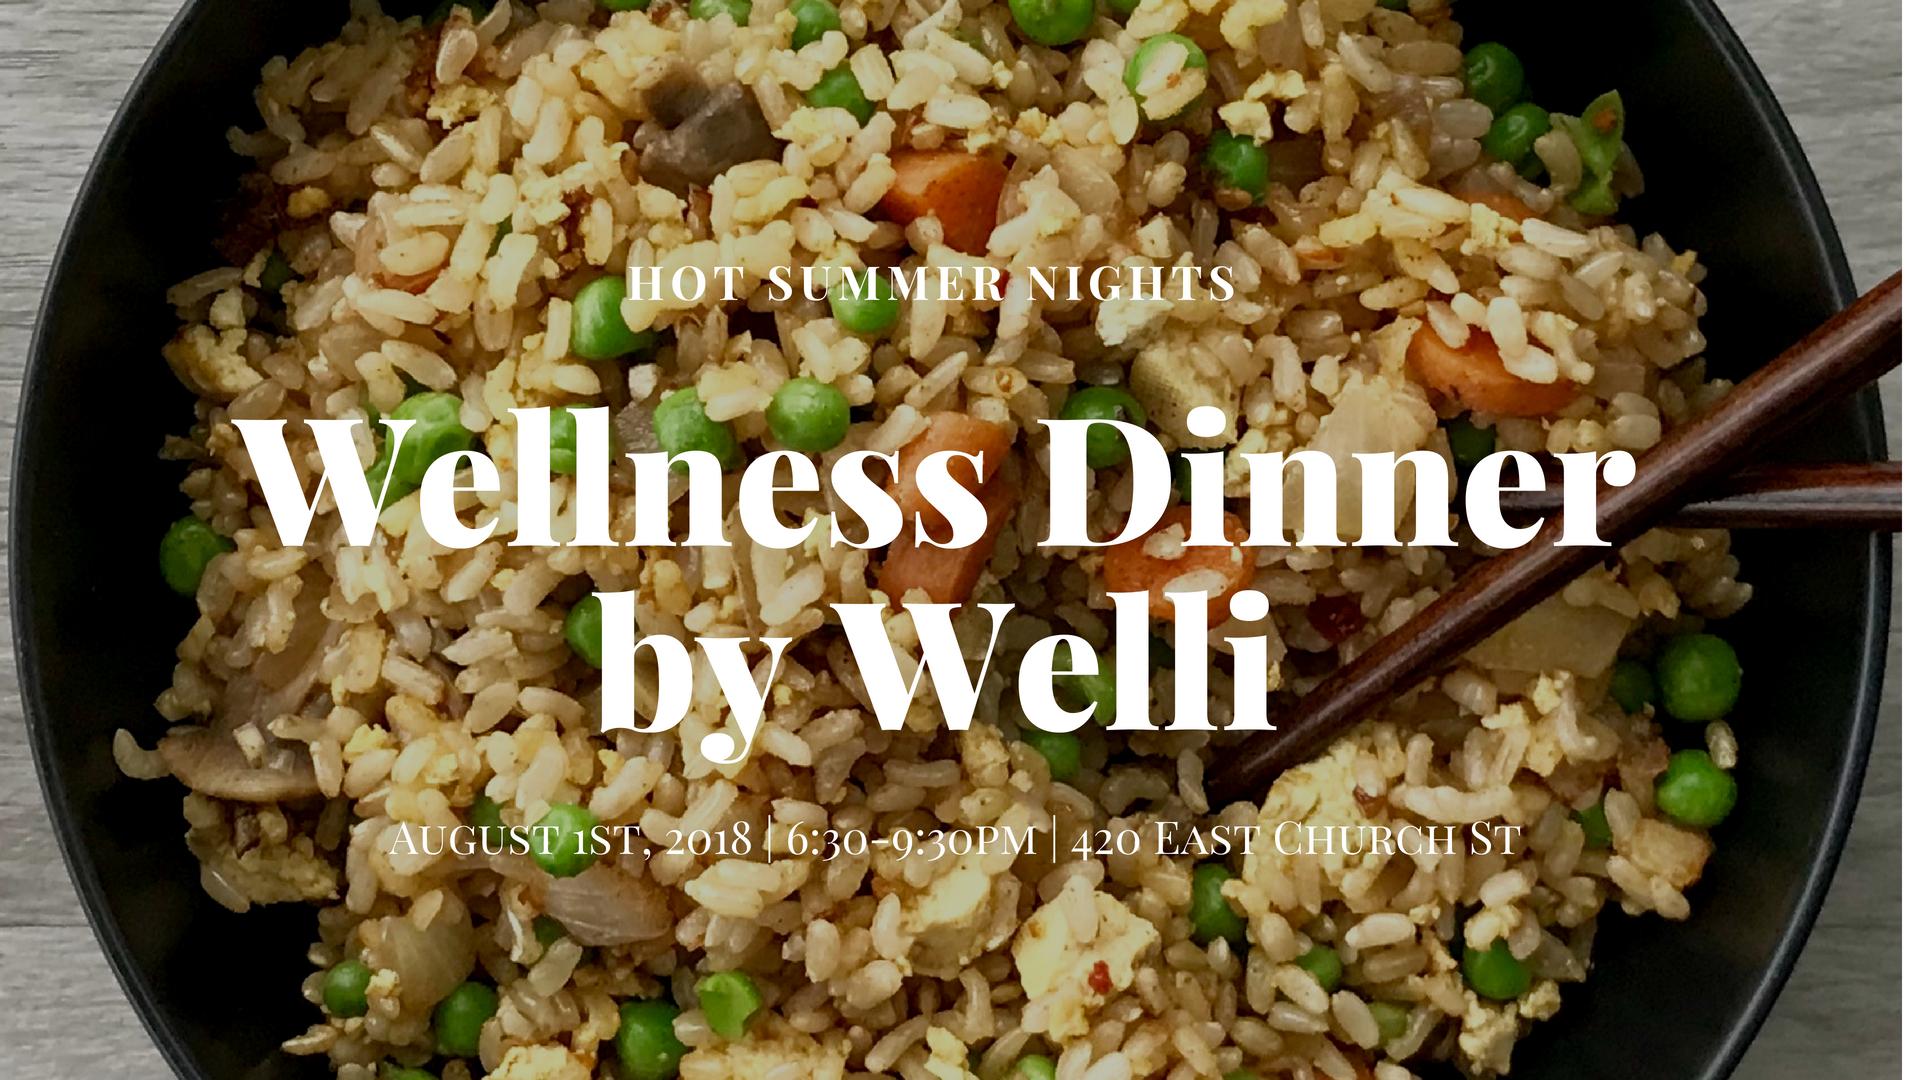 Wellness Dinner with Welli - www.getWelli.com - #getWelli #community #Orlando #health #summer